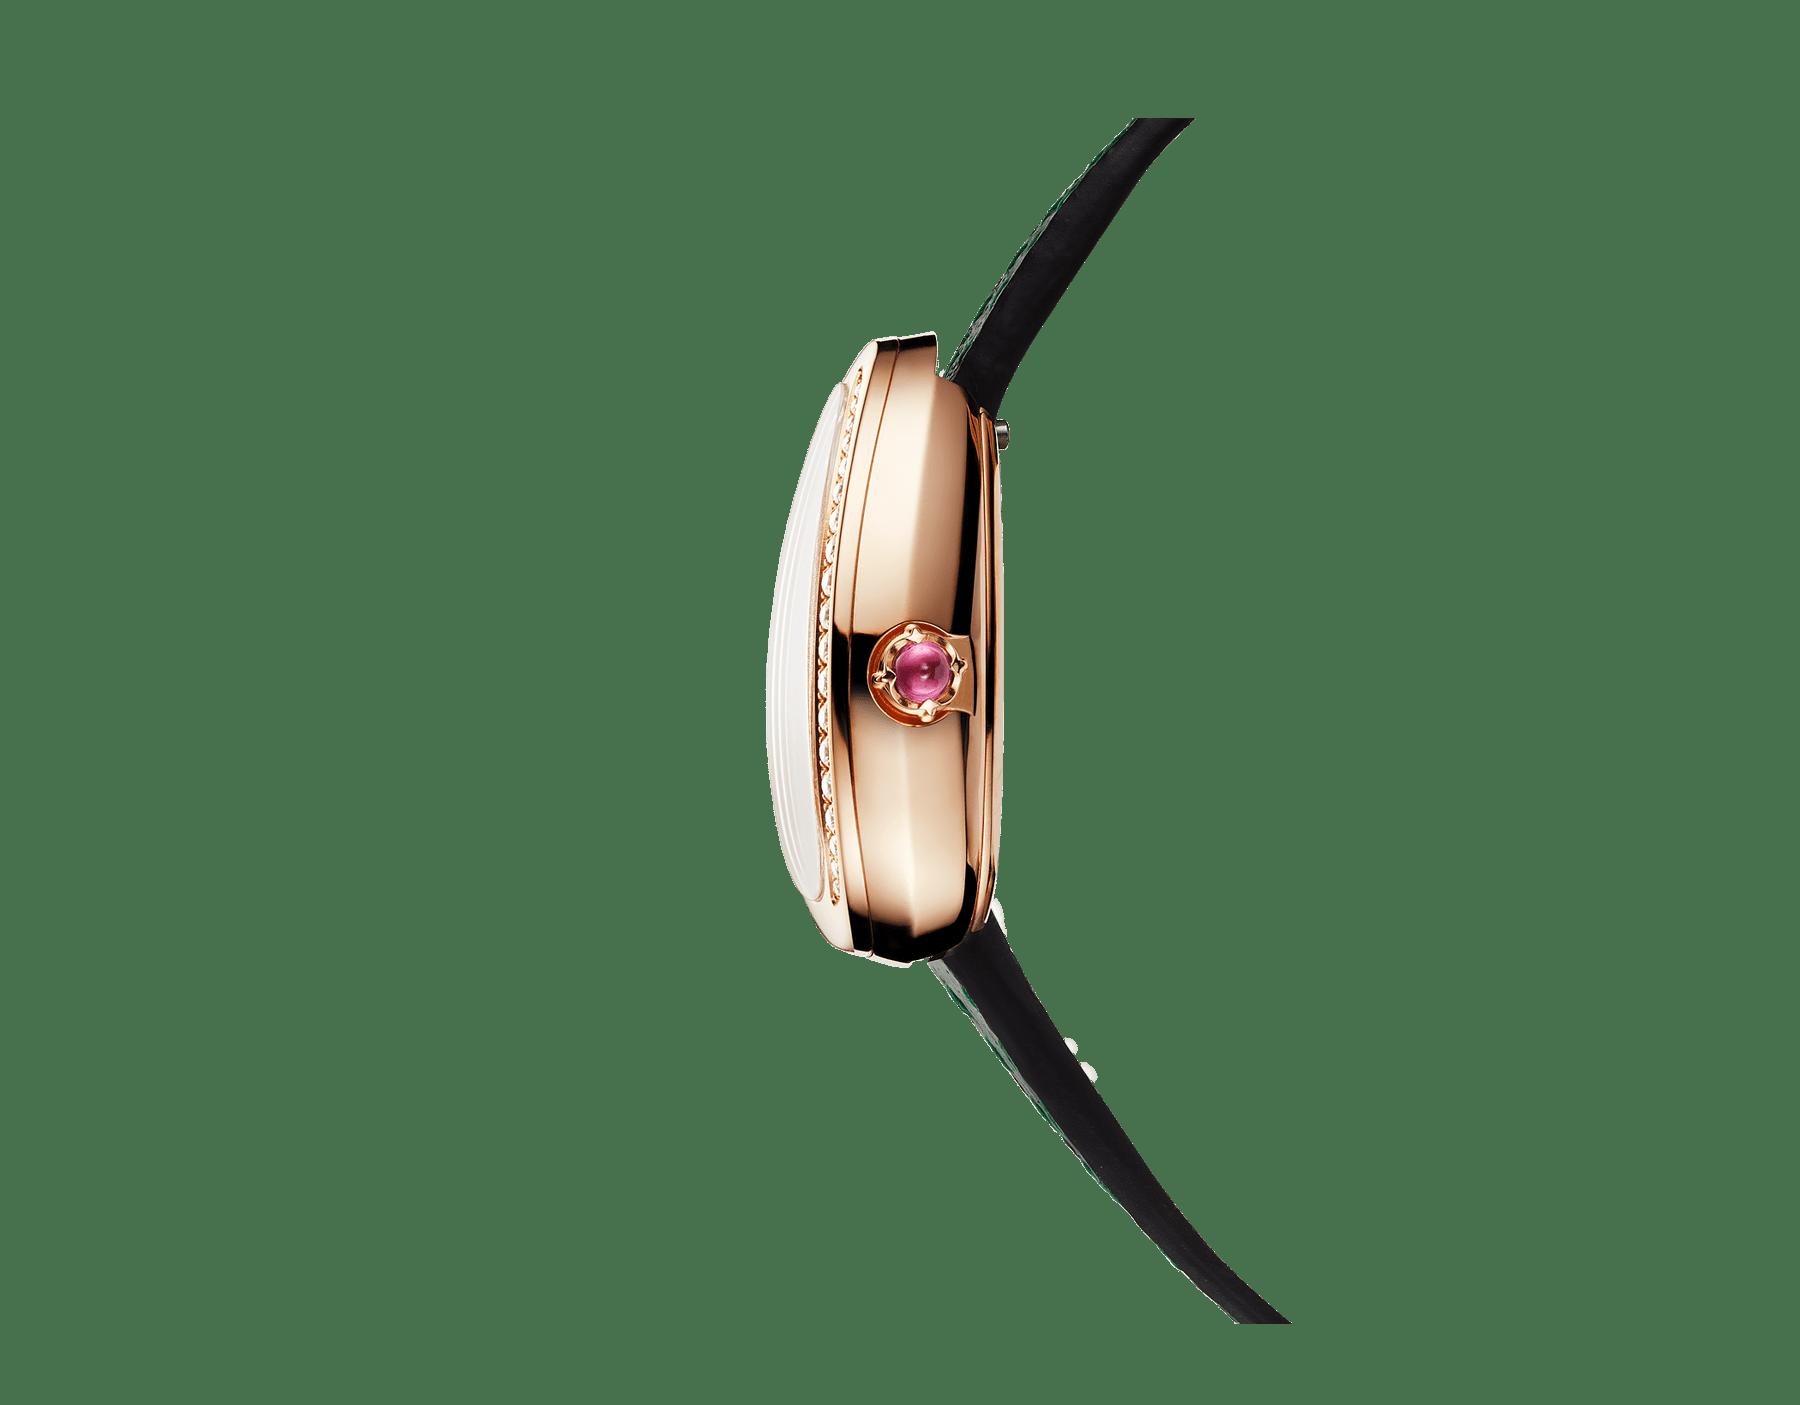 Relógio Serpenti com caixa em ouro rosa 18K cravejada com diamantes redondos lapidação brilhante, mostrador preto laqueado e pulseira de duas voltas intercambiável em couro karung verde 102918 image 2